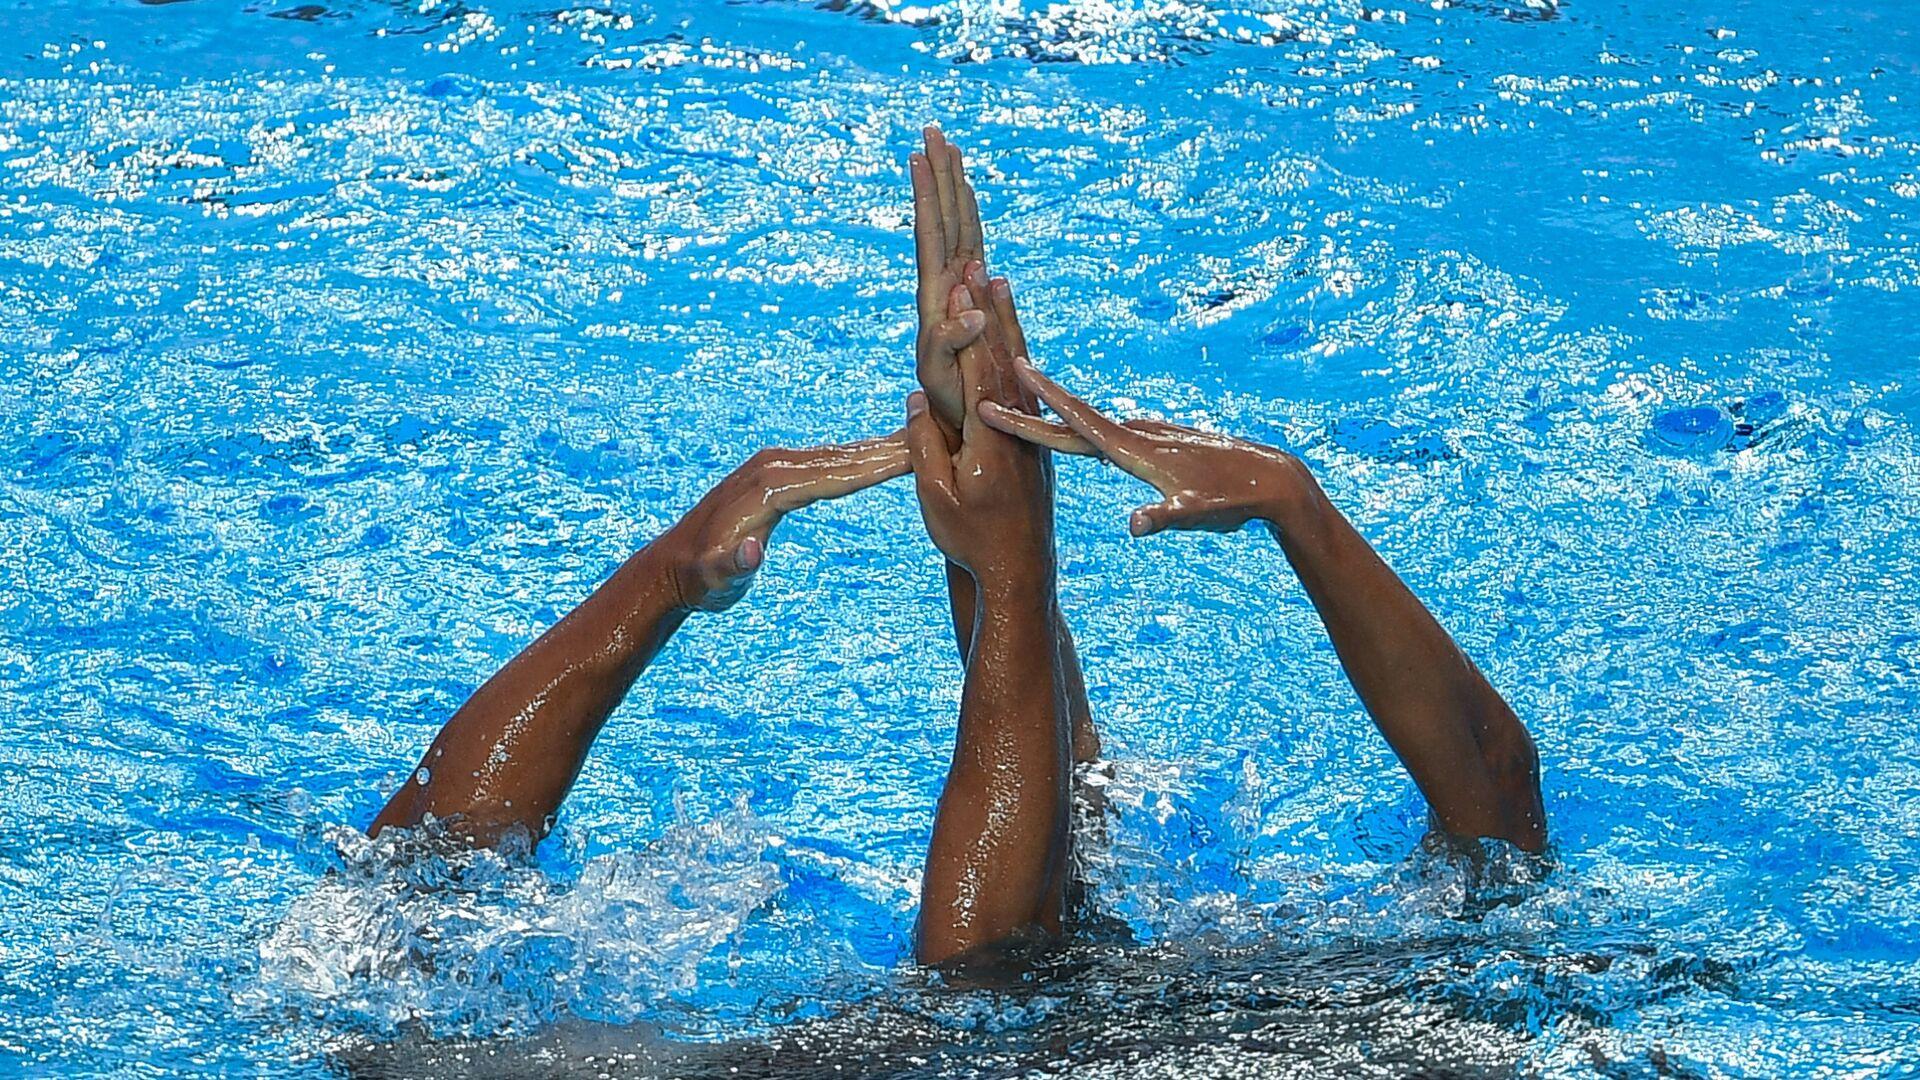 Изабель Рамплин и Рене Робер Превос (Канада) выступают с произвольной программой в финальных соревнованиях по синхронному плаванию среди смешанных дуэтов на чемпионате мира FINA 2017 - РИА Новости, 1920, 21.04.2021